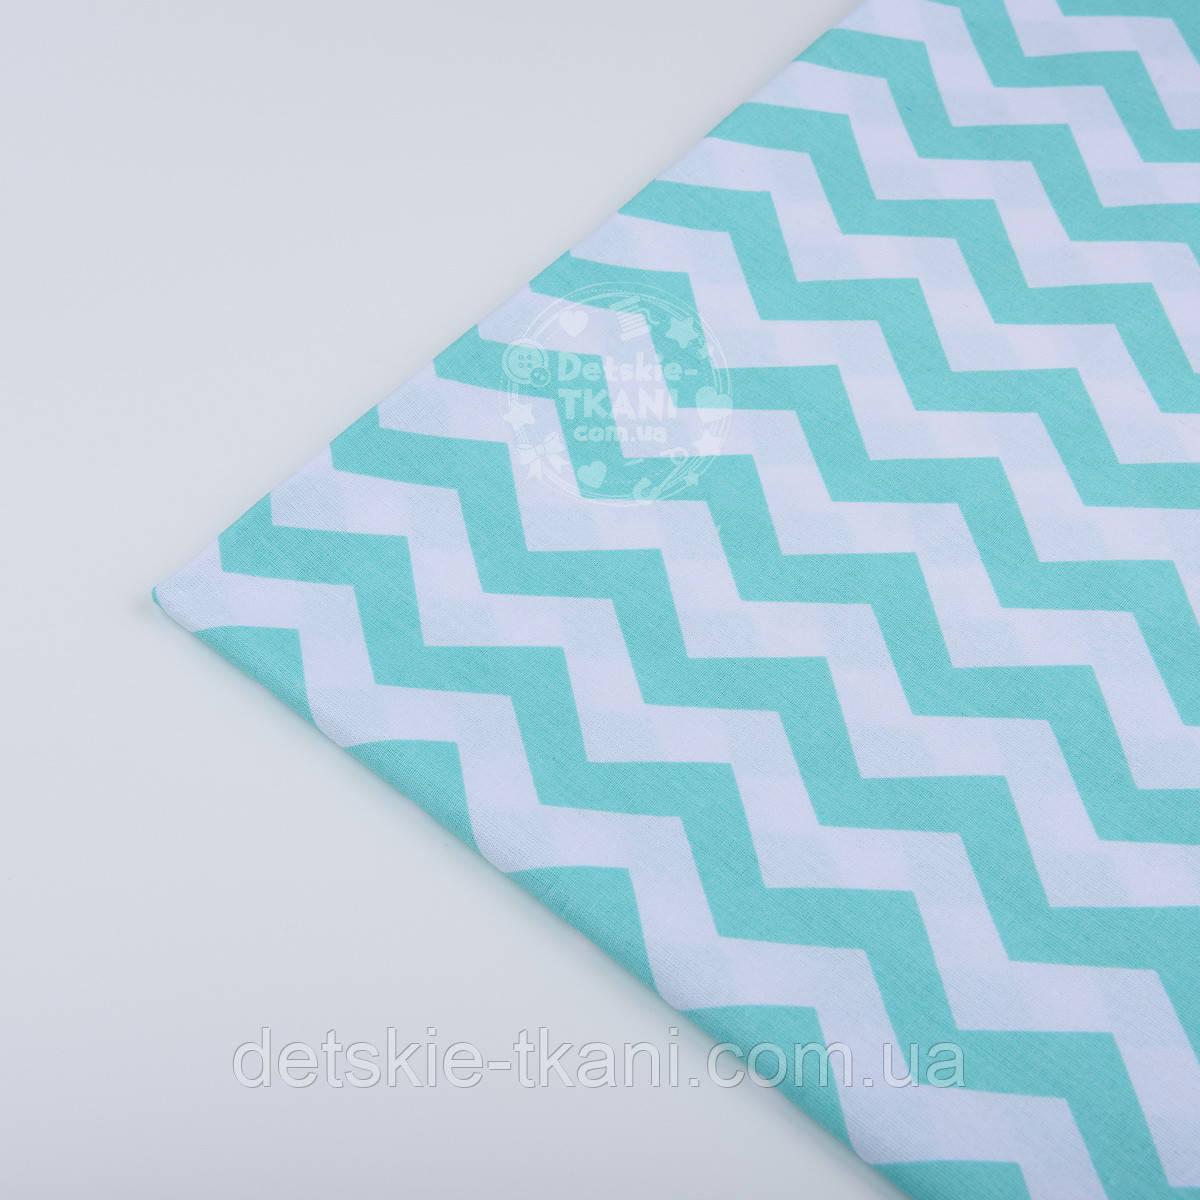 Лоскут ткани №45  с мятным зигзагом, размер 16*120 см